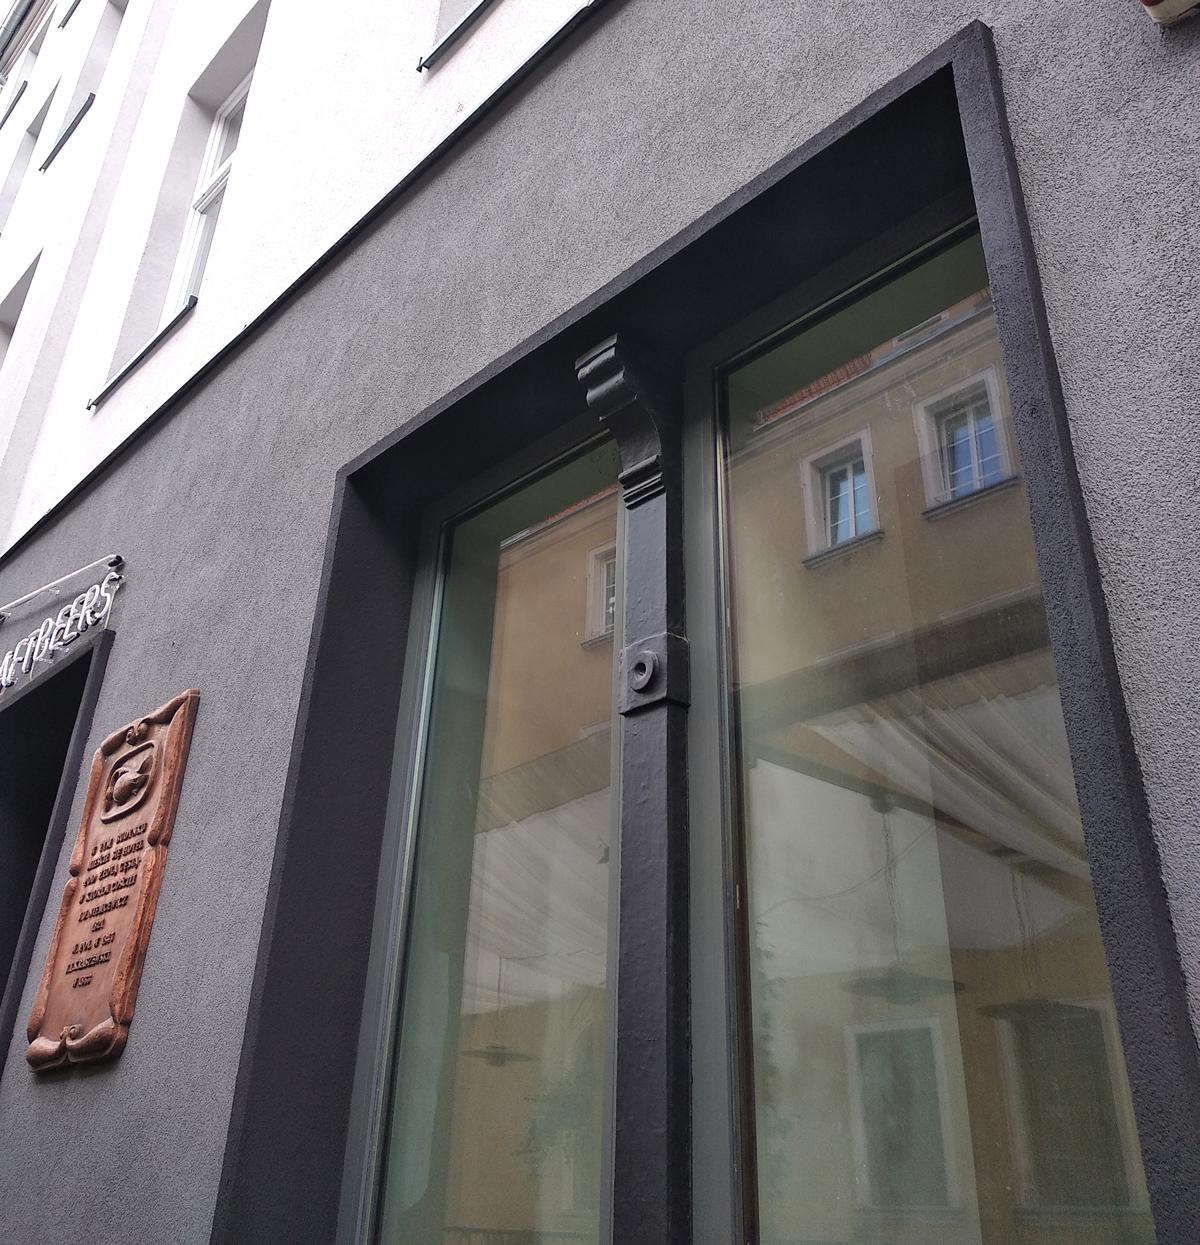 Renowacja Kamienicy przy ulicy Matejki 3 w Gliwicach 2017r.